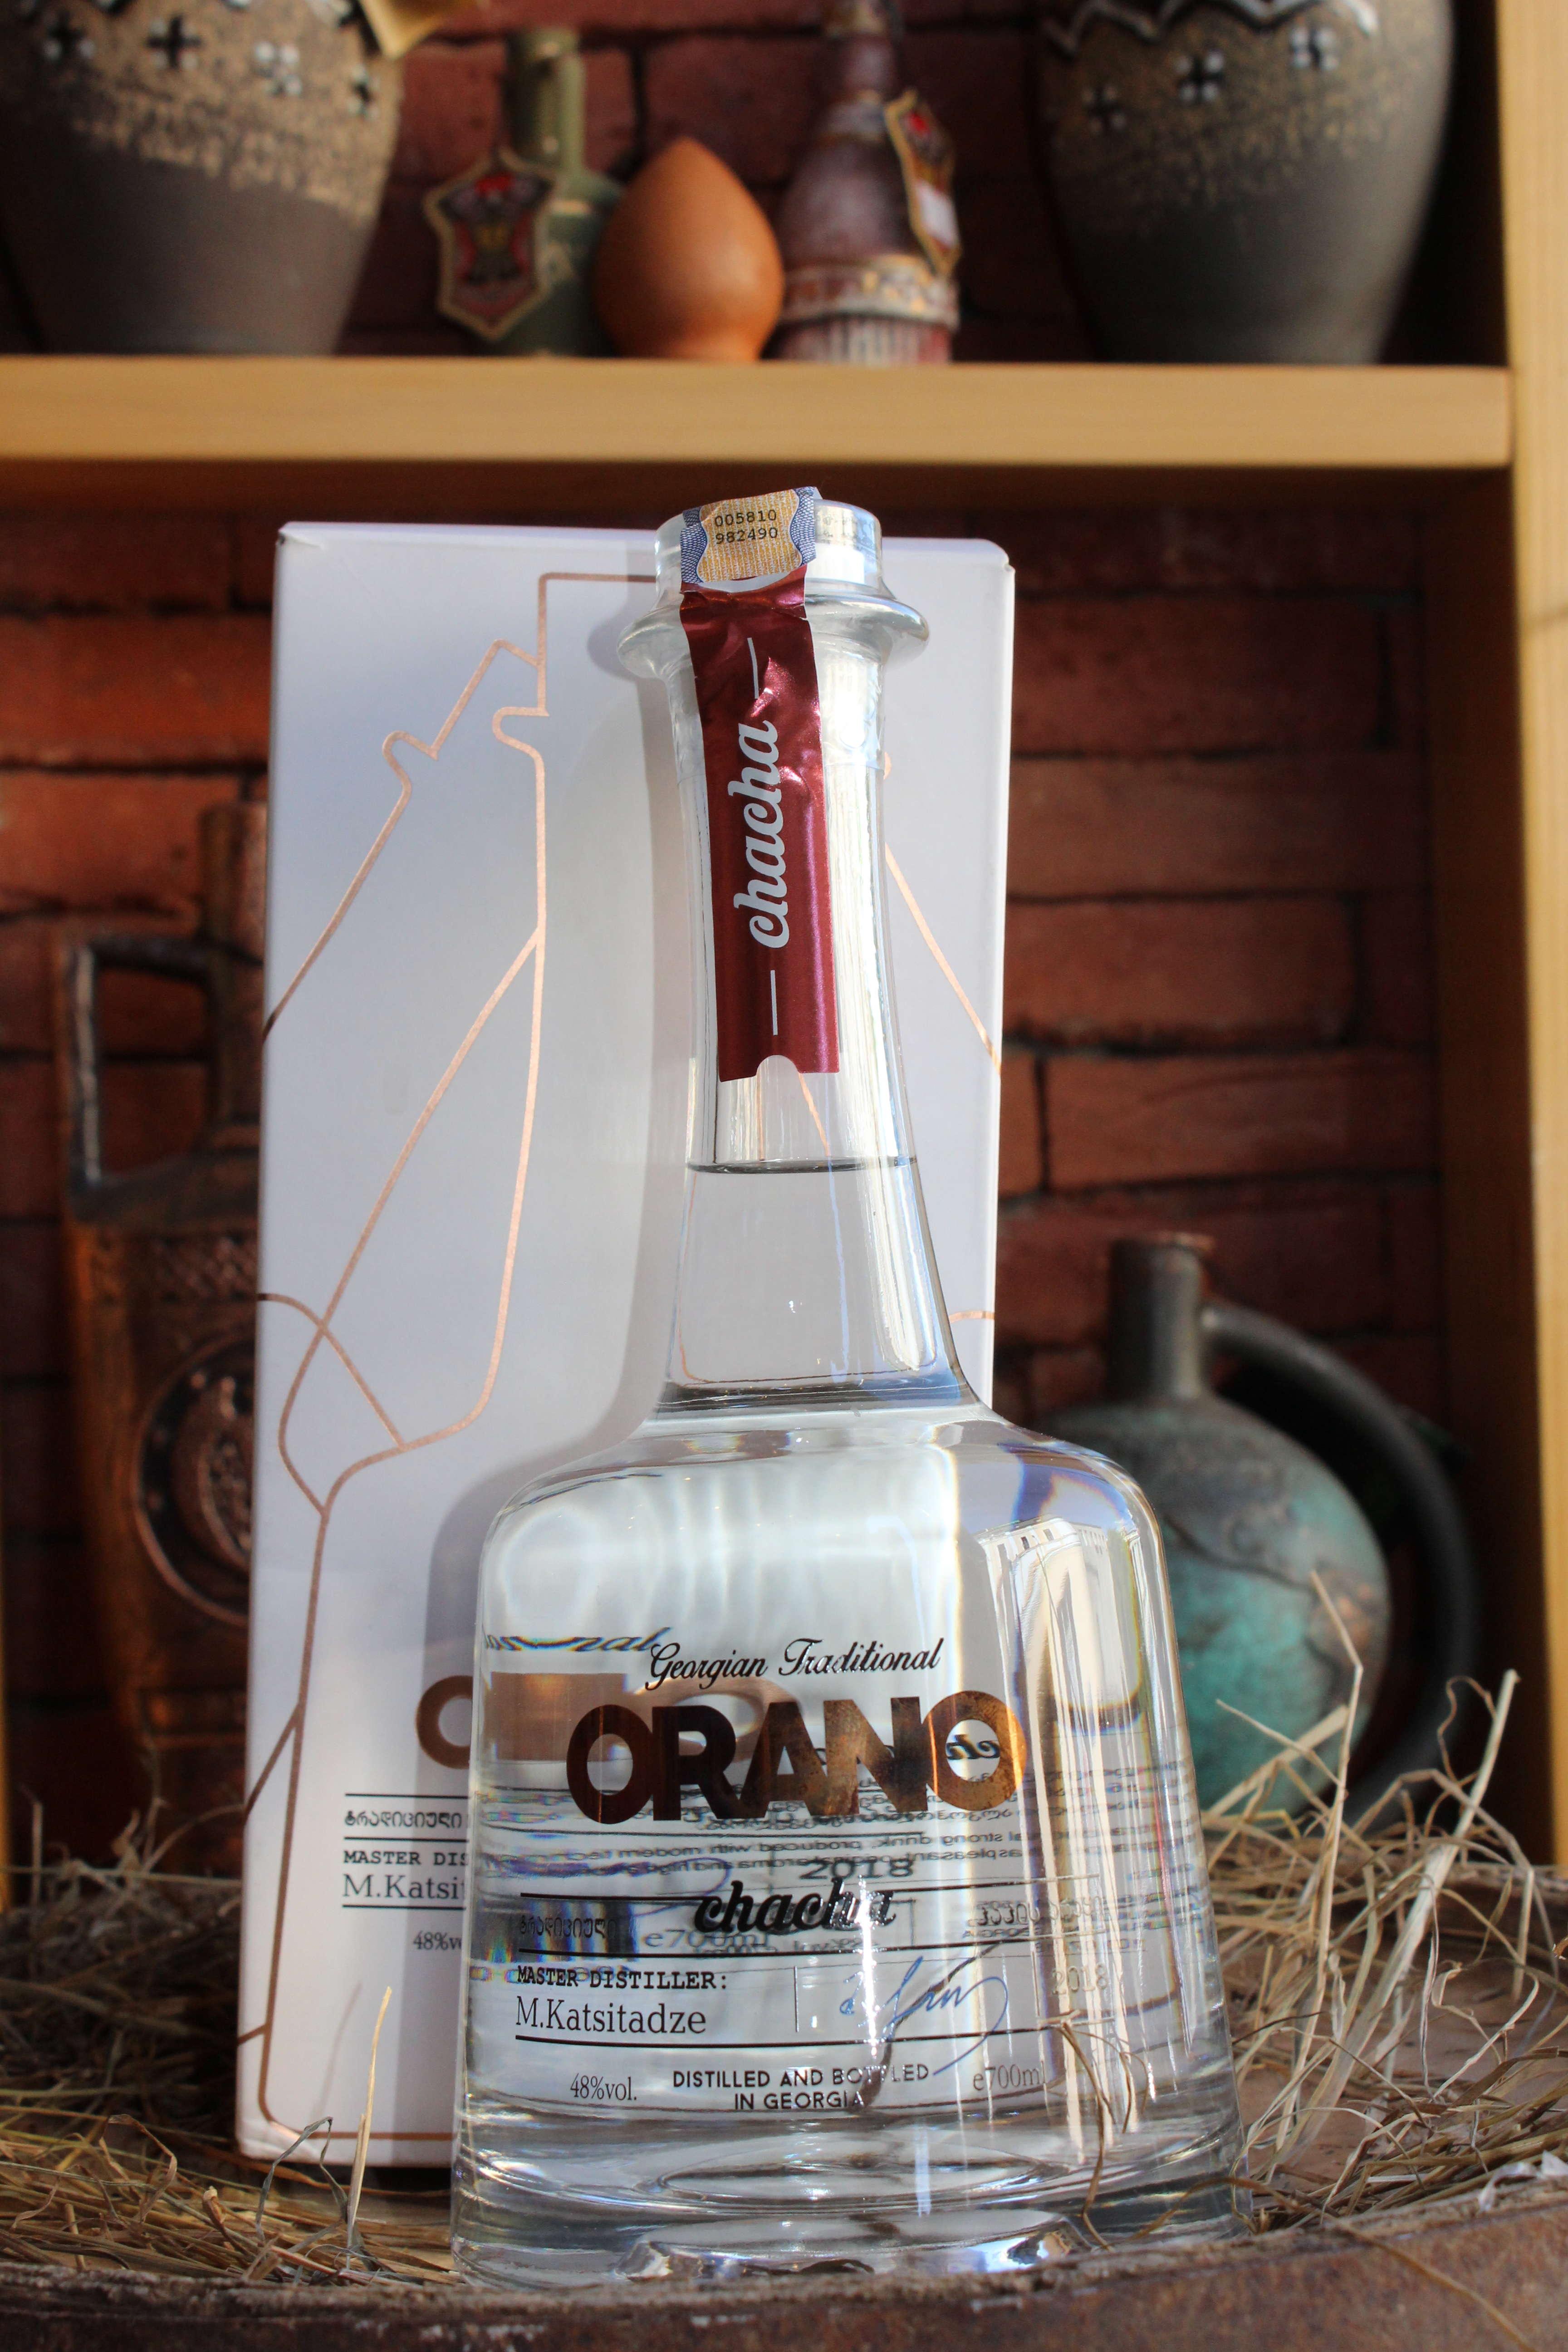 Orano - Chacha